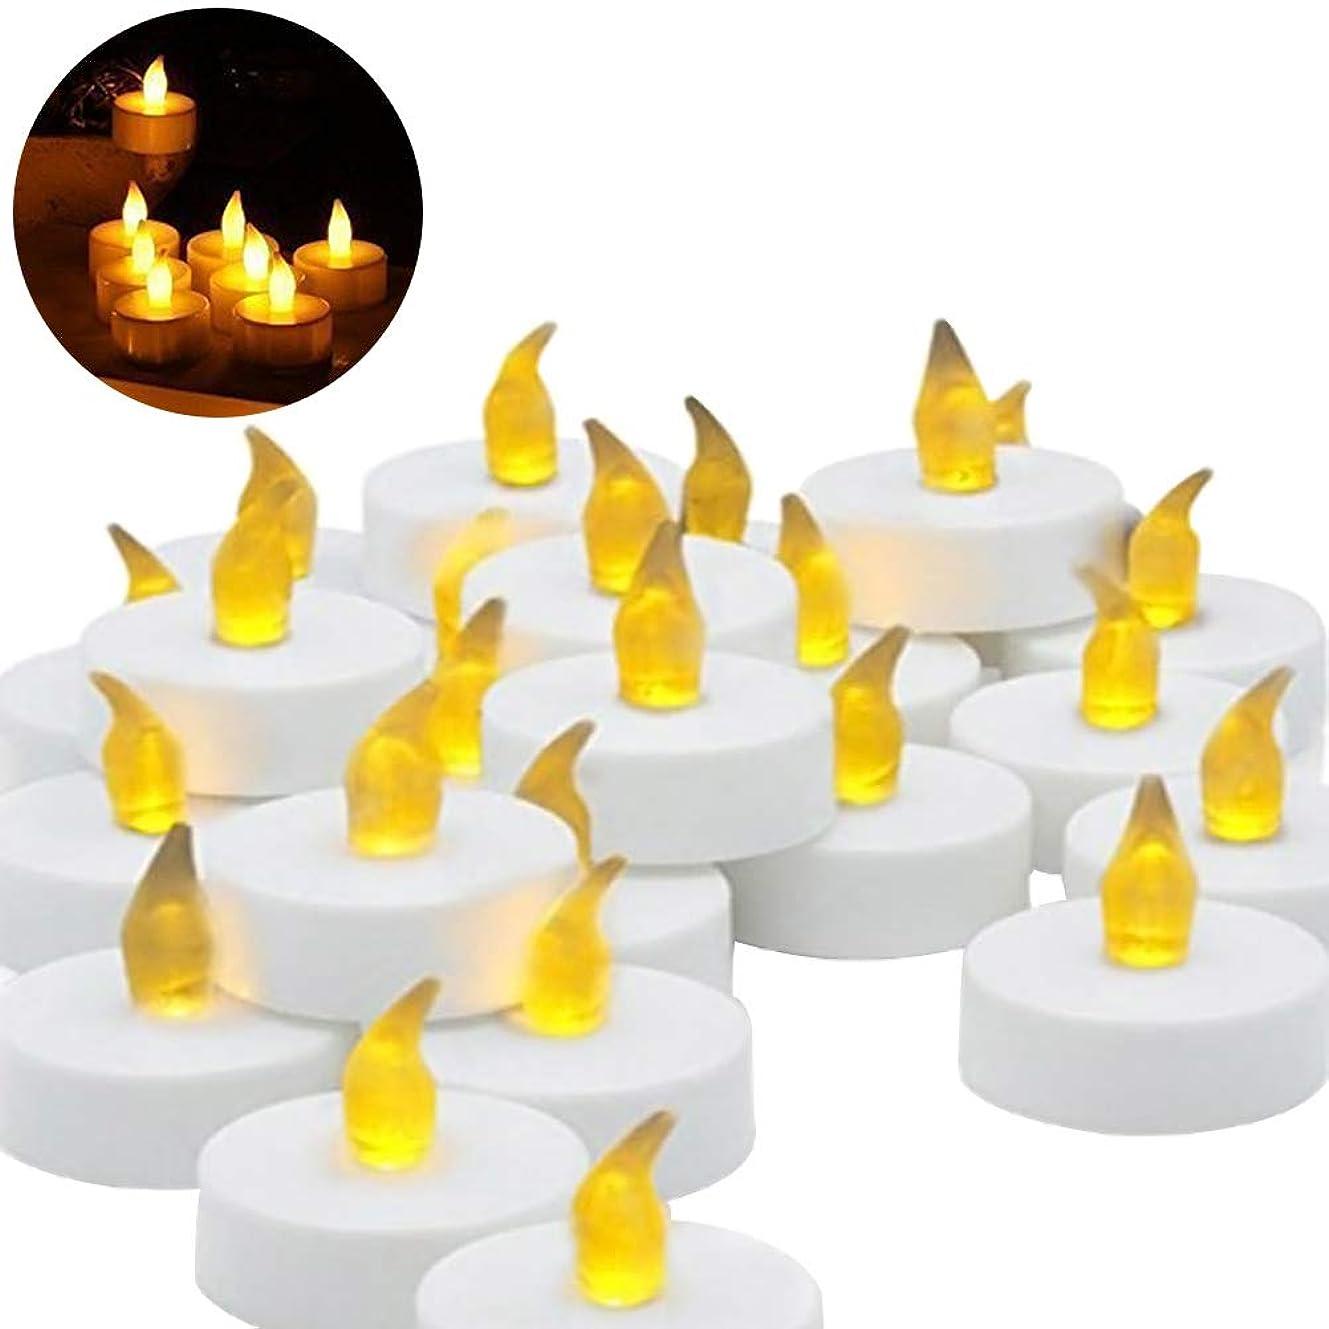 はしご人形不足LEDMOMO キャンドル LED 誕生日キャンドル プラスチック 無炎 フェスティバル 祭り 祝賀(白)